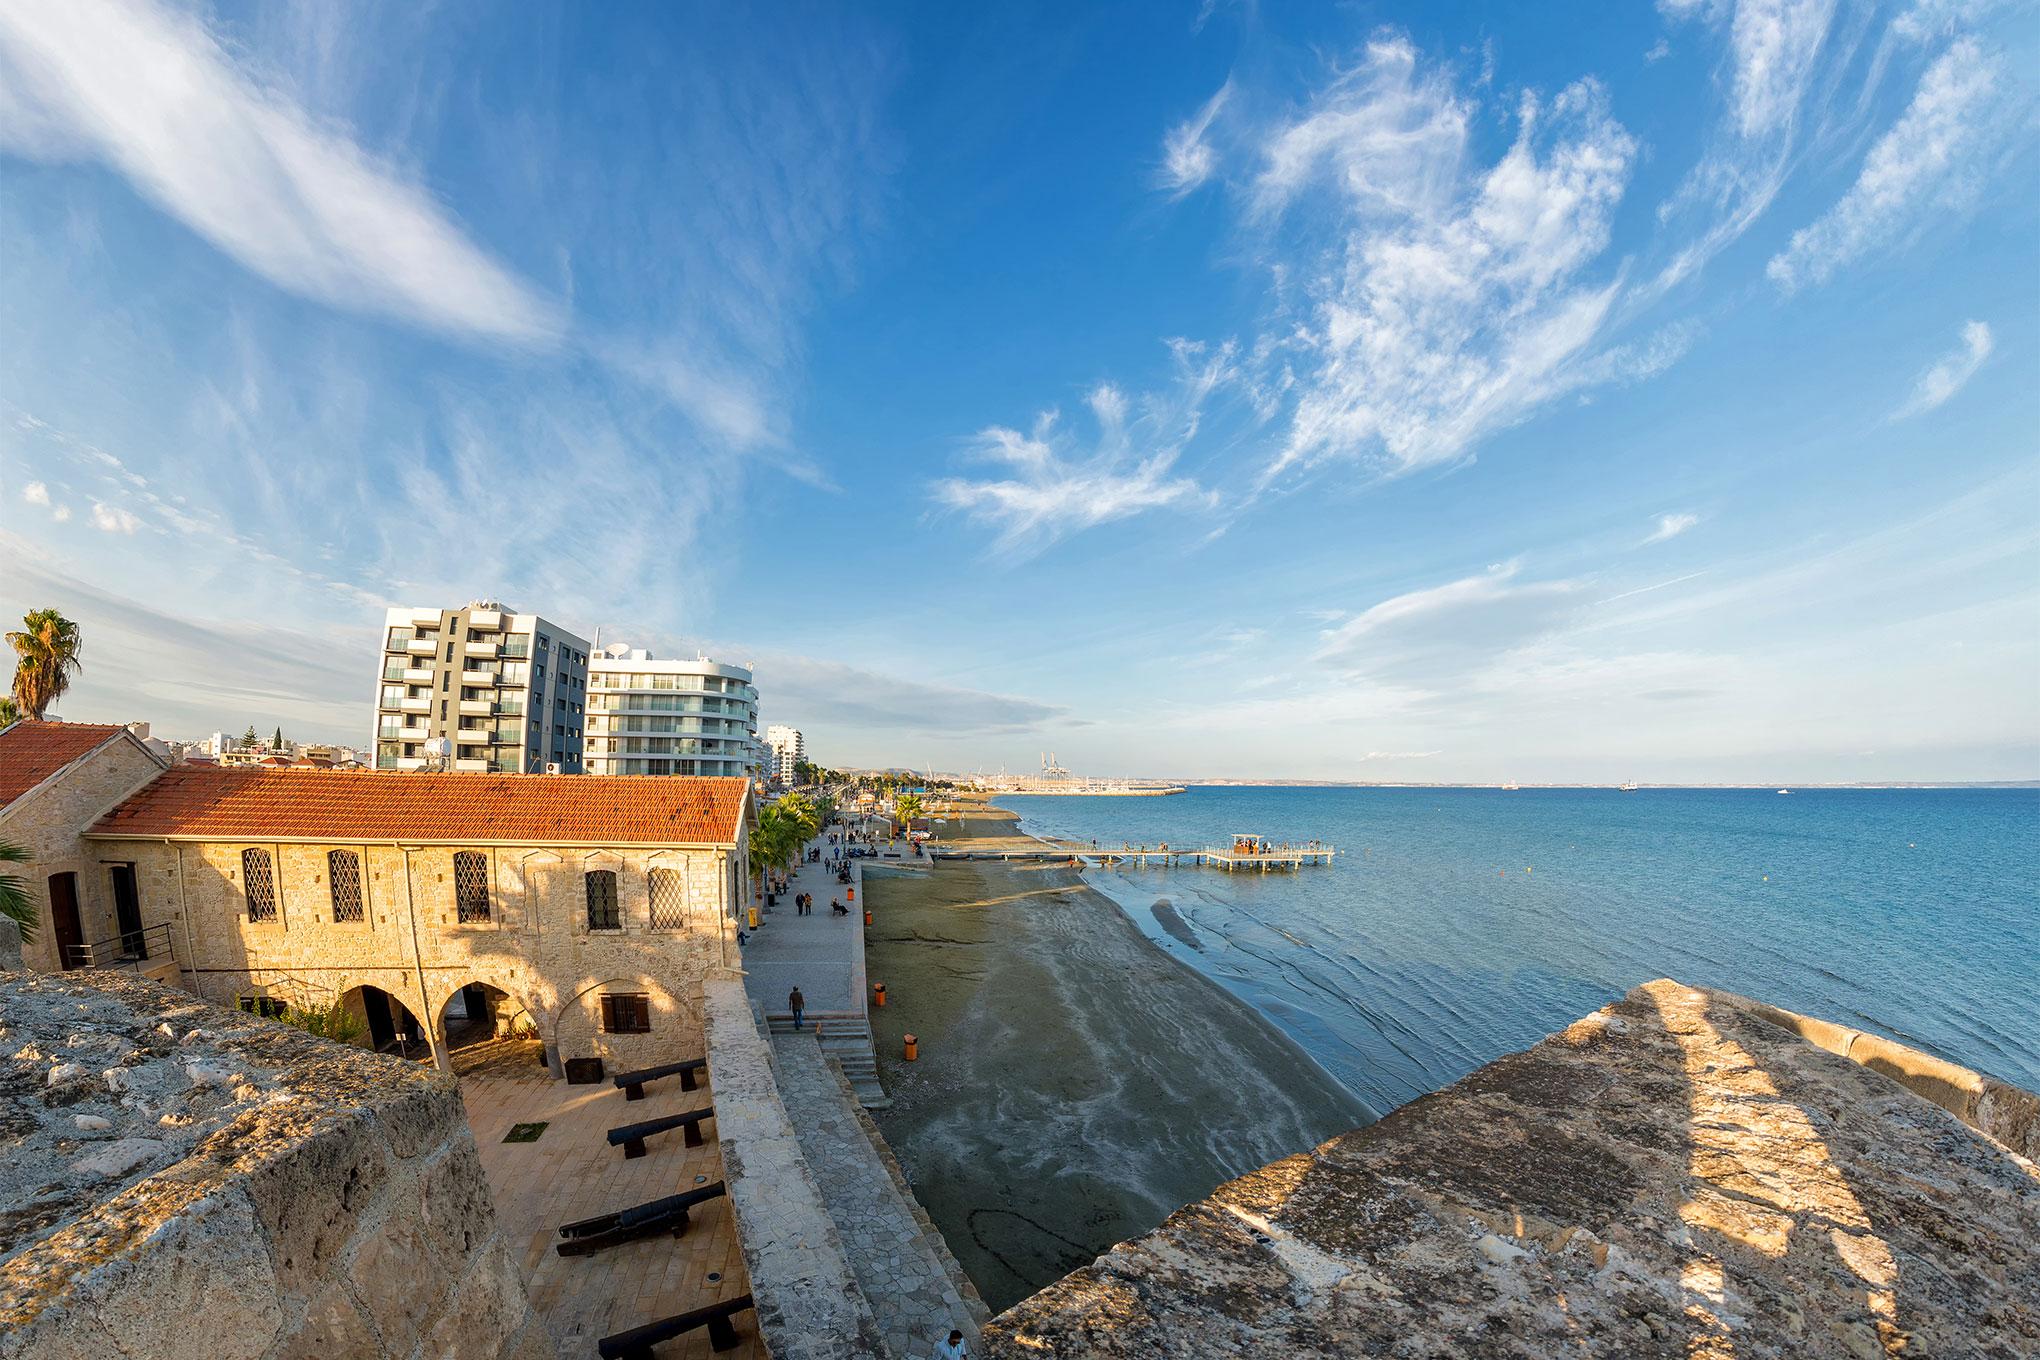 88185_Medieval-castle-Larnaca